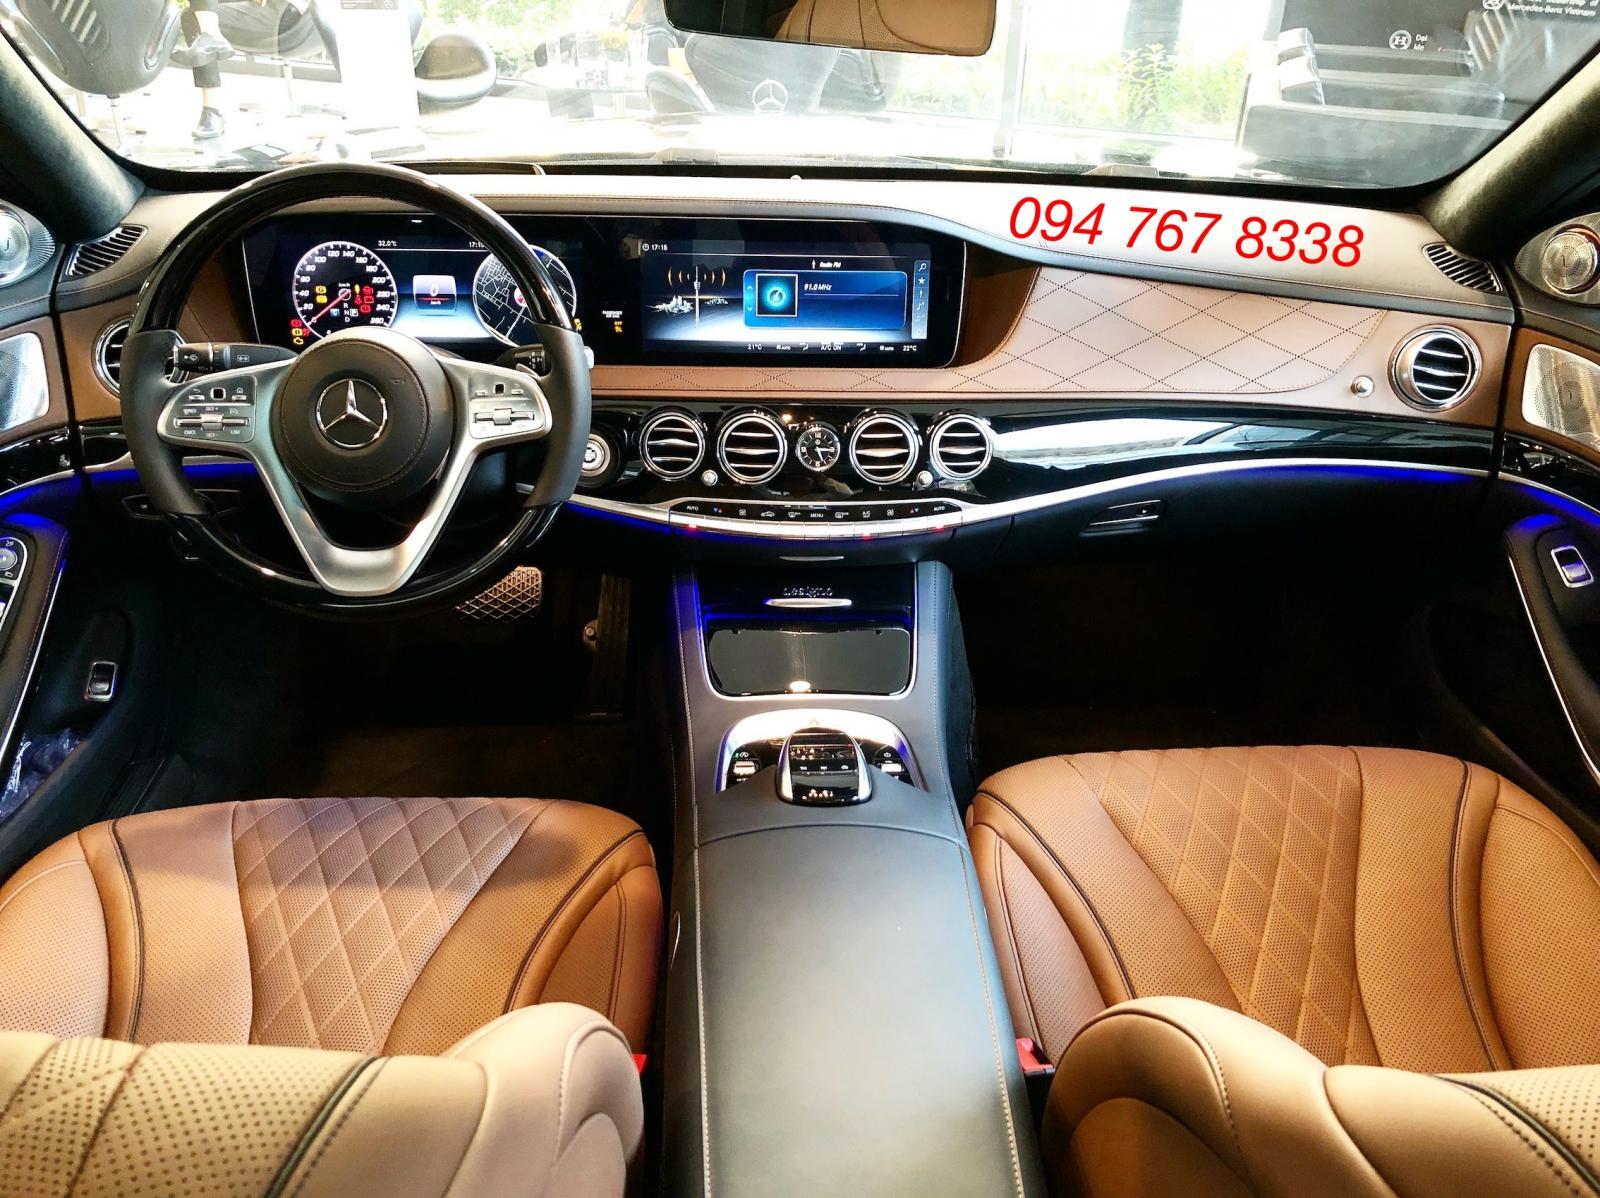 Bán xe Mercedes S450 Luxury sản xuất 2019, màu đen